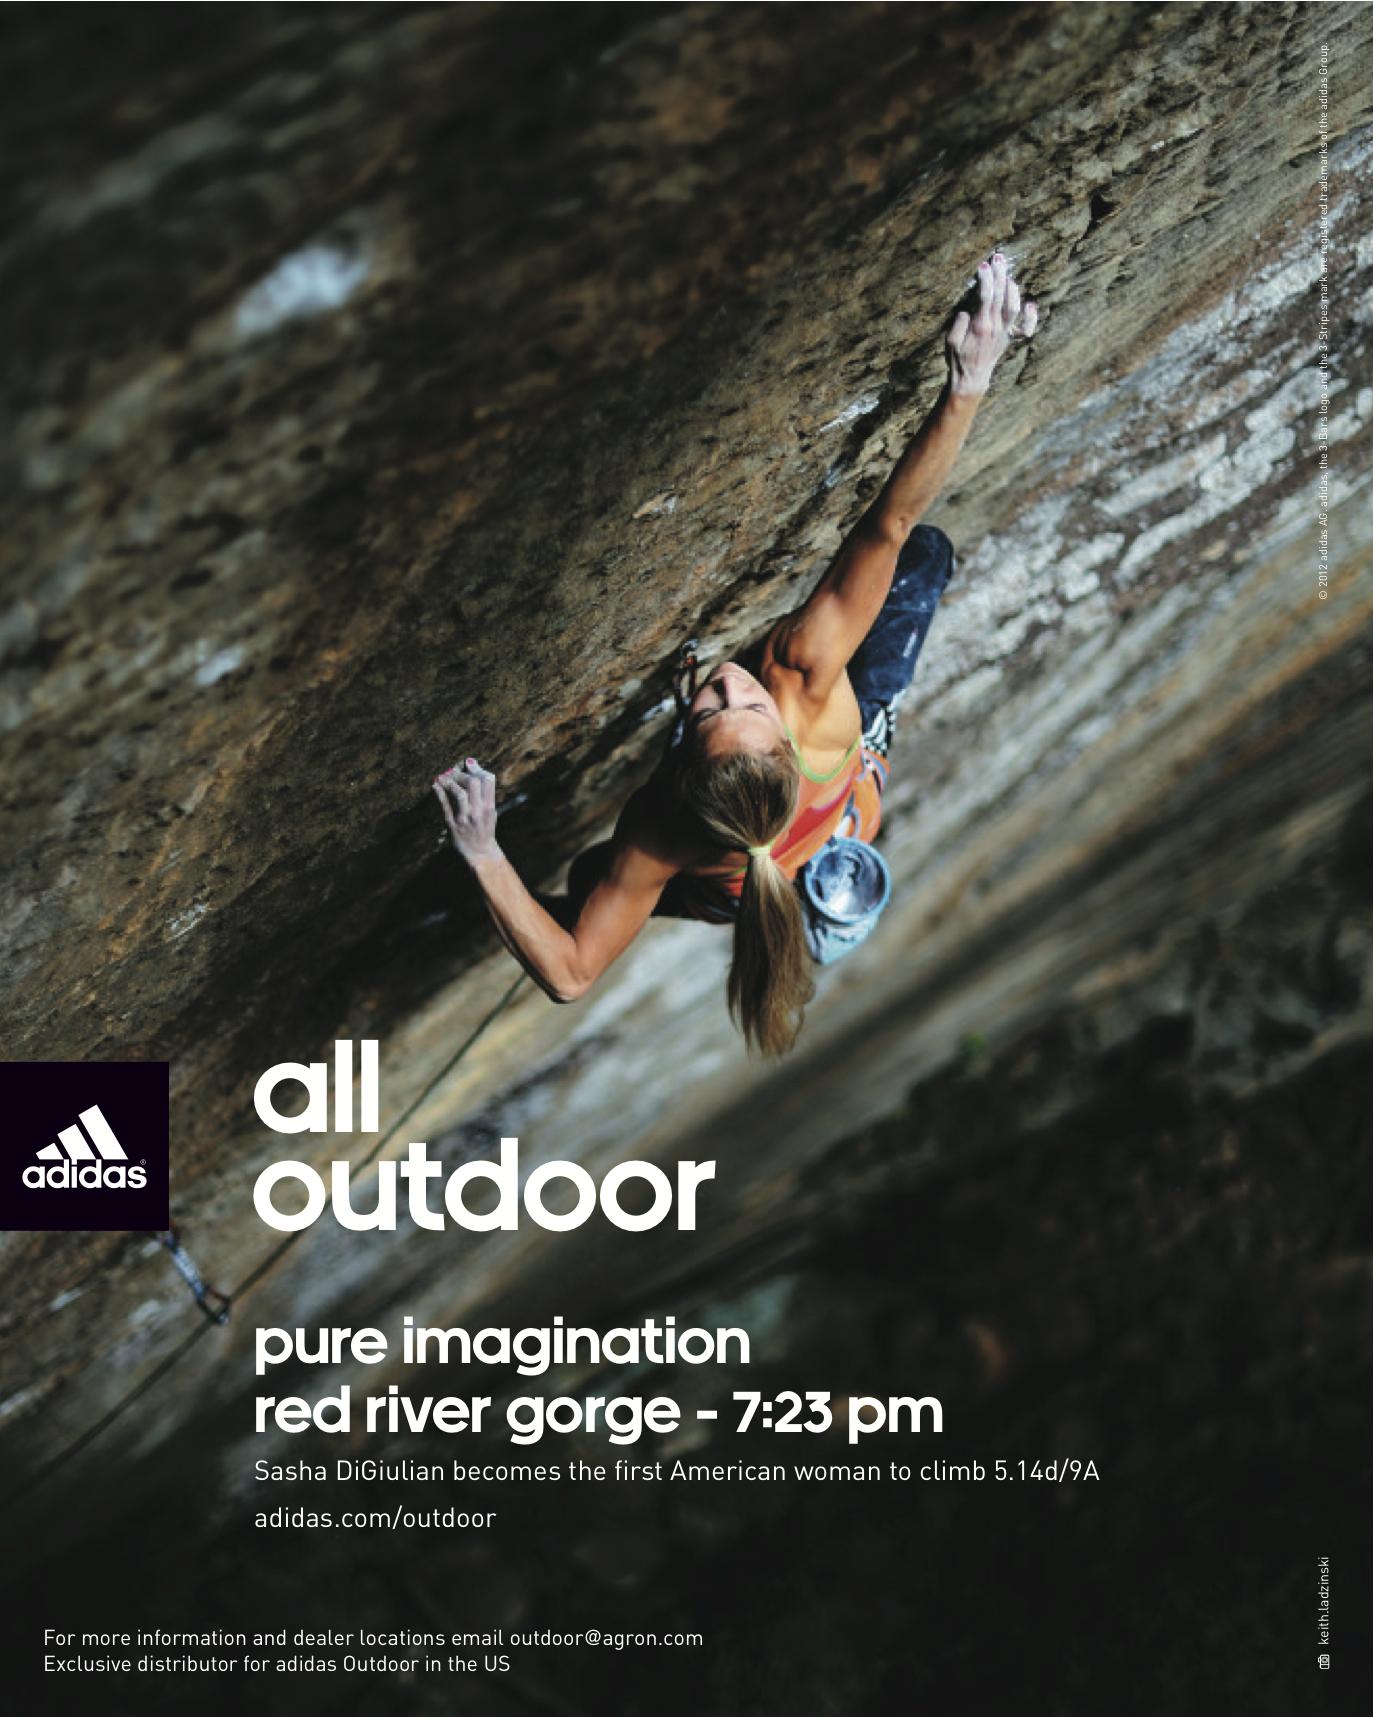 outdoor rock climbing gear